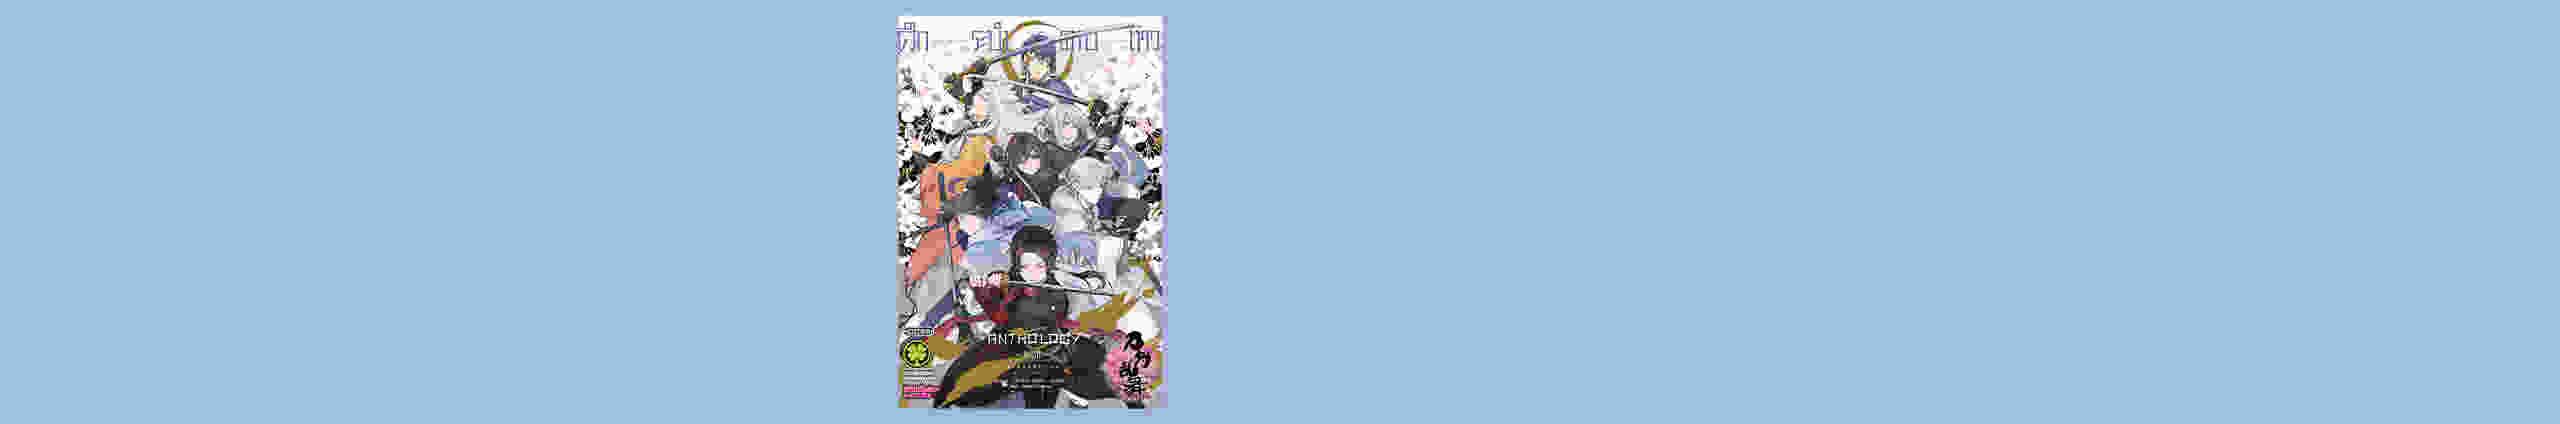 ศึกระบำดาบเทวะ -ONLINE- Anthology (ทัพแรก)